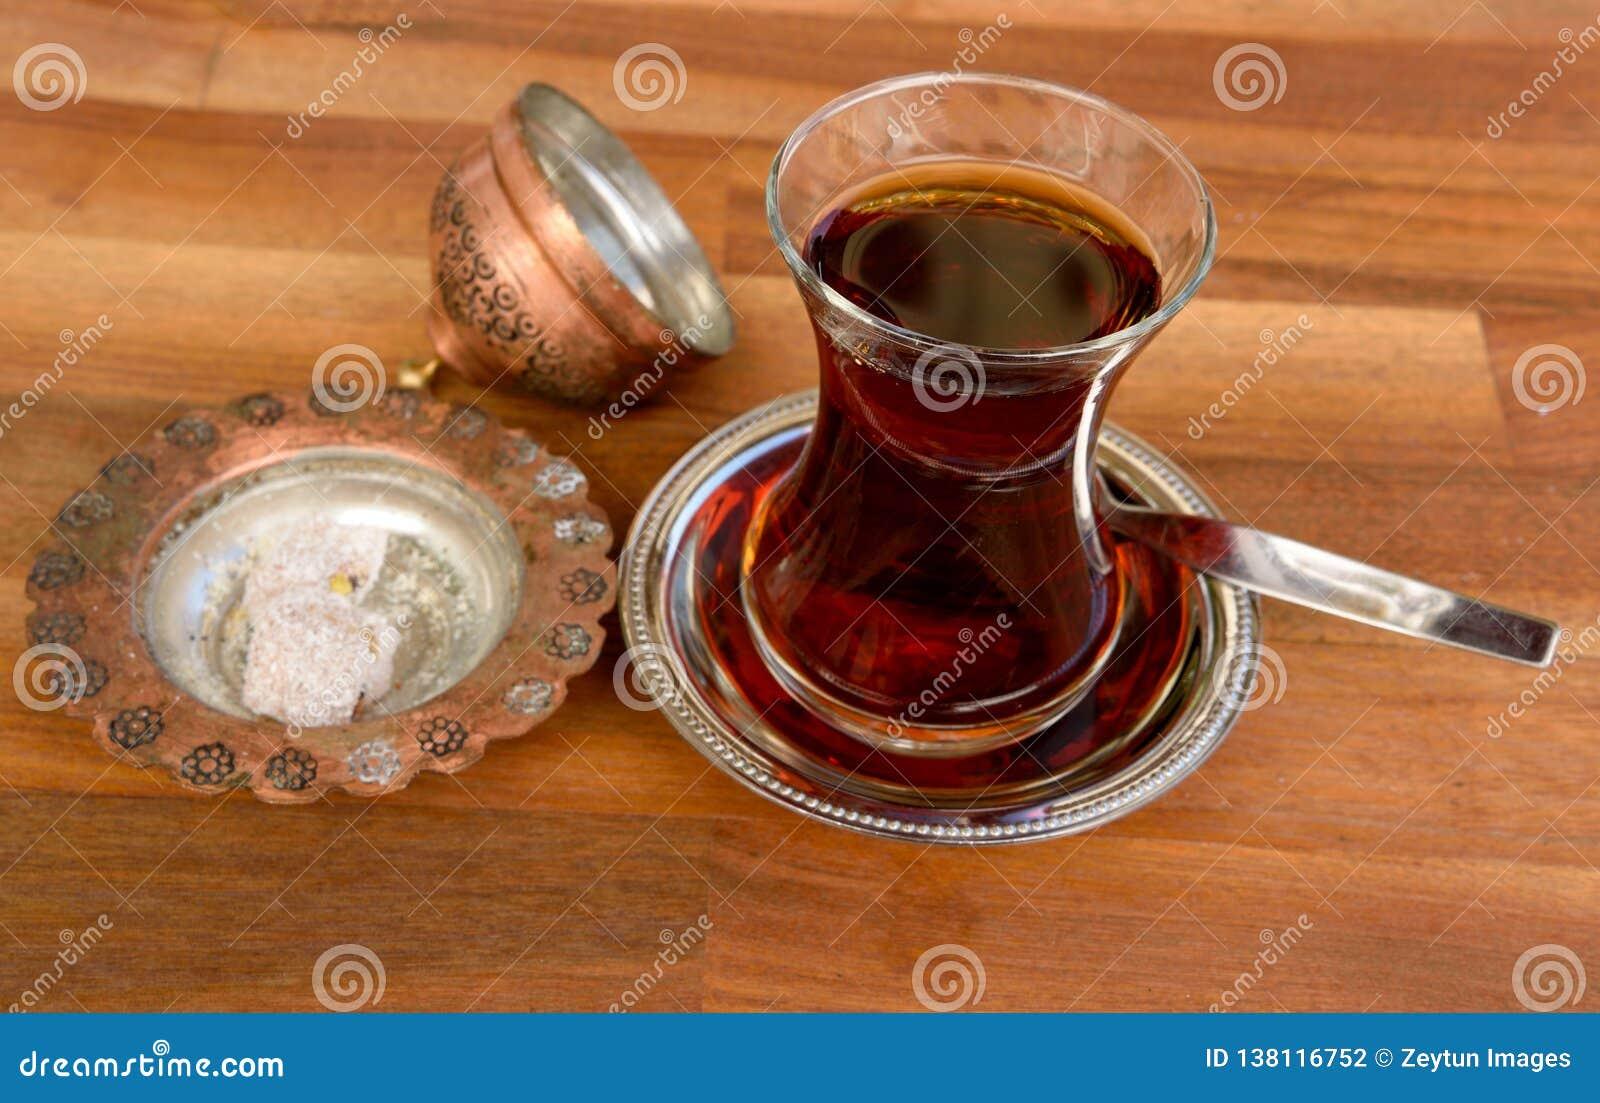 Vidrio de té turco